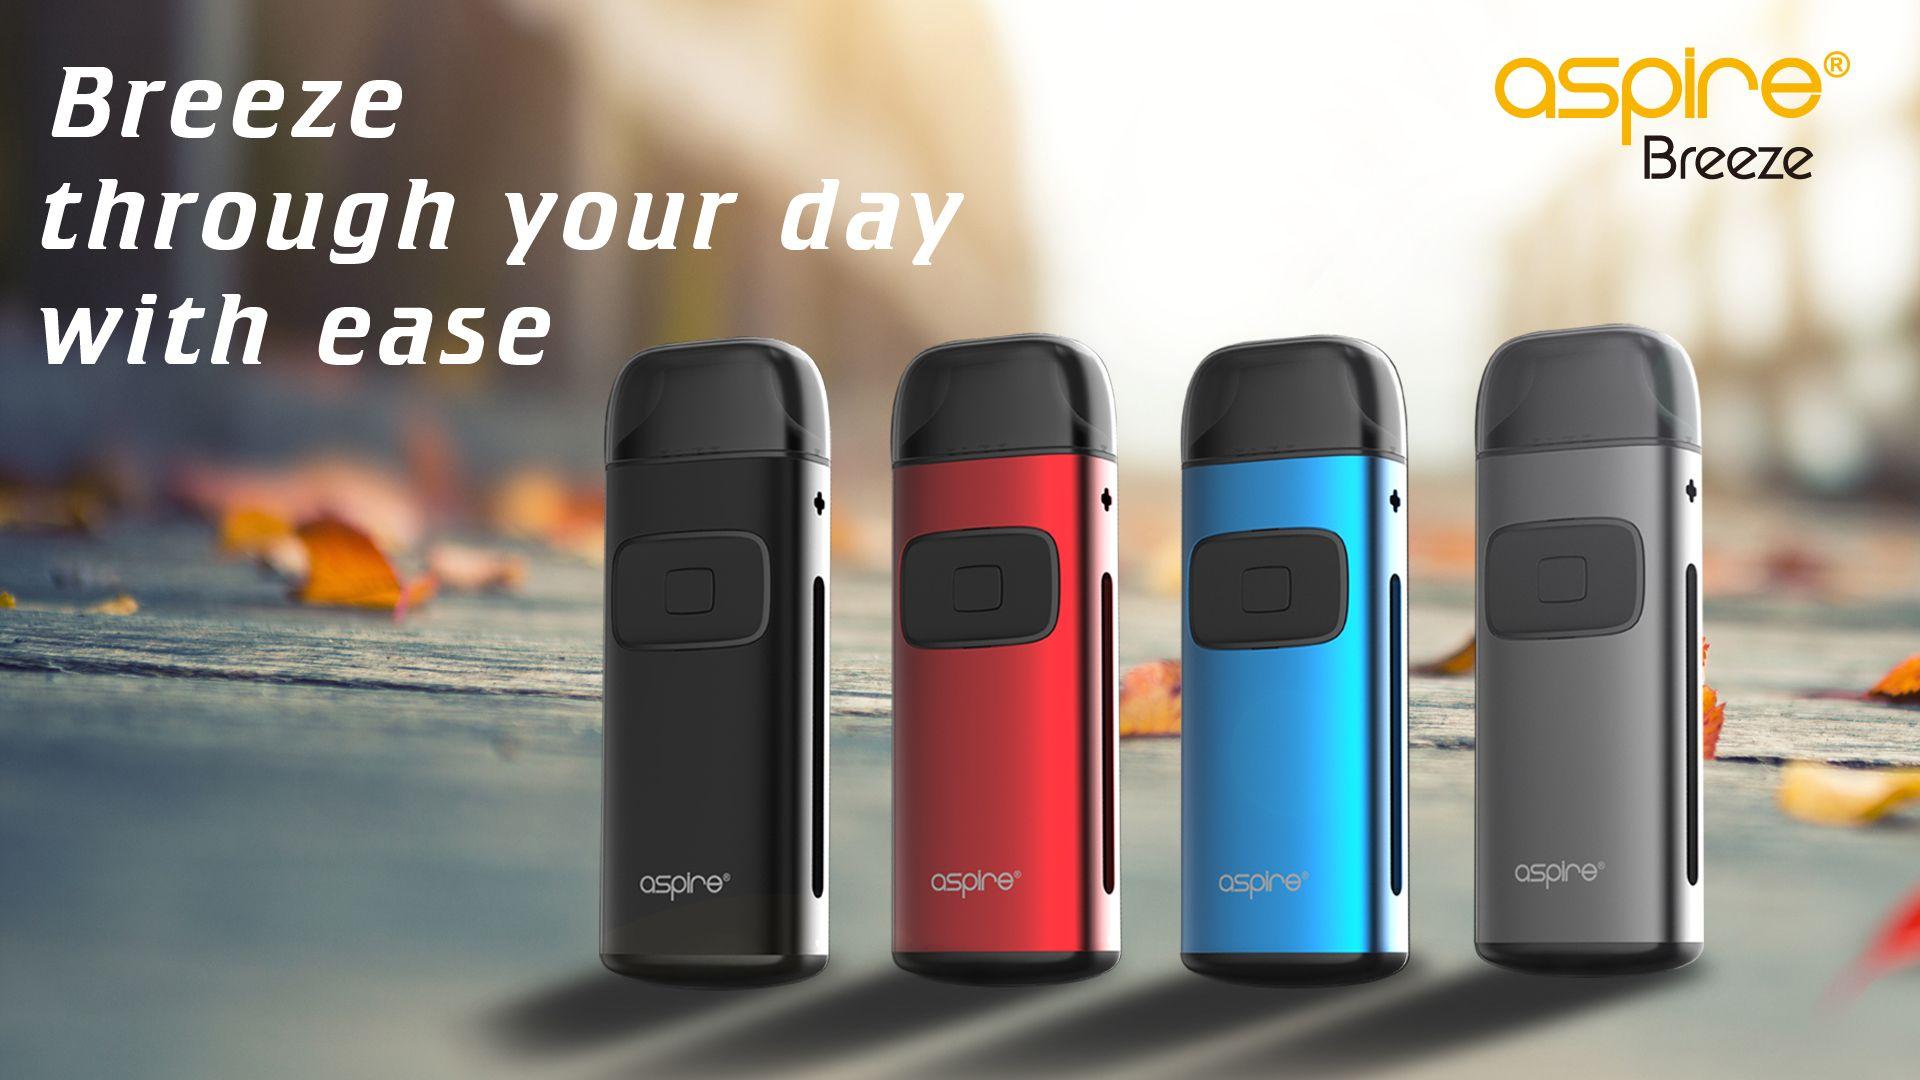 Aspire Breeze Pocket AIO Vaporizer | ✿Vaporizers✿ | Vape